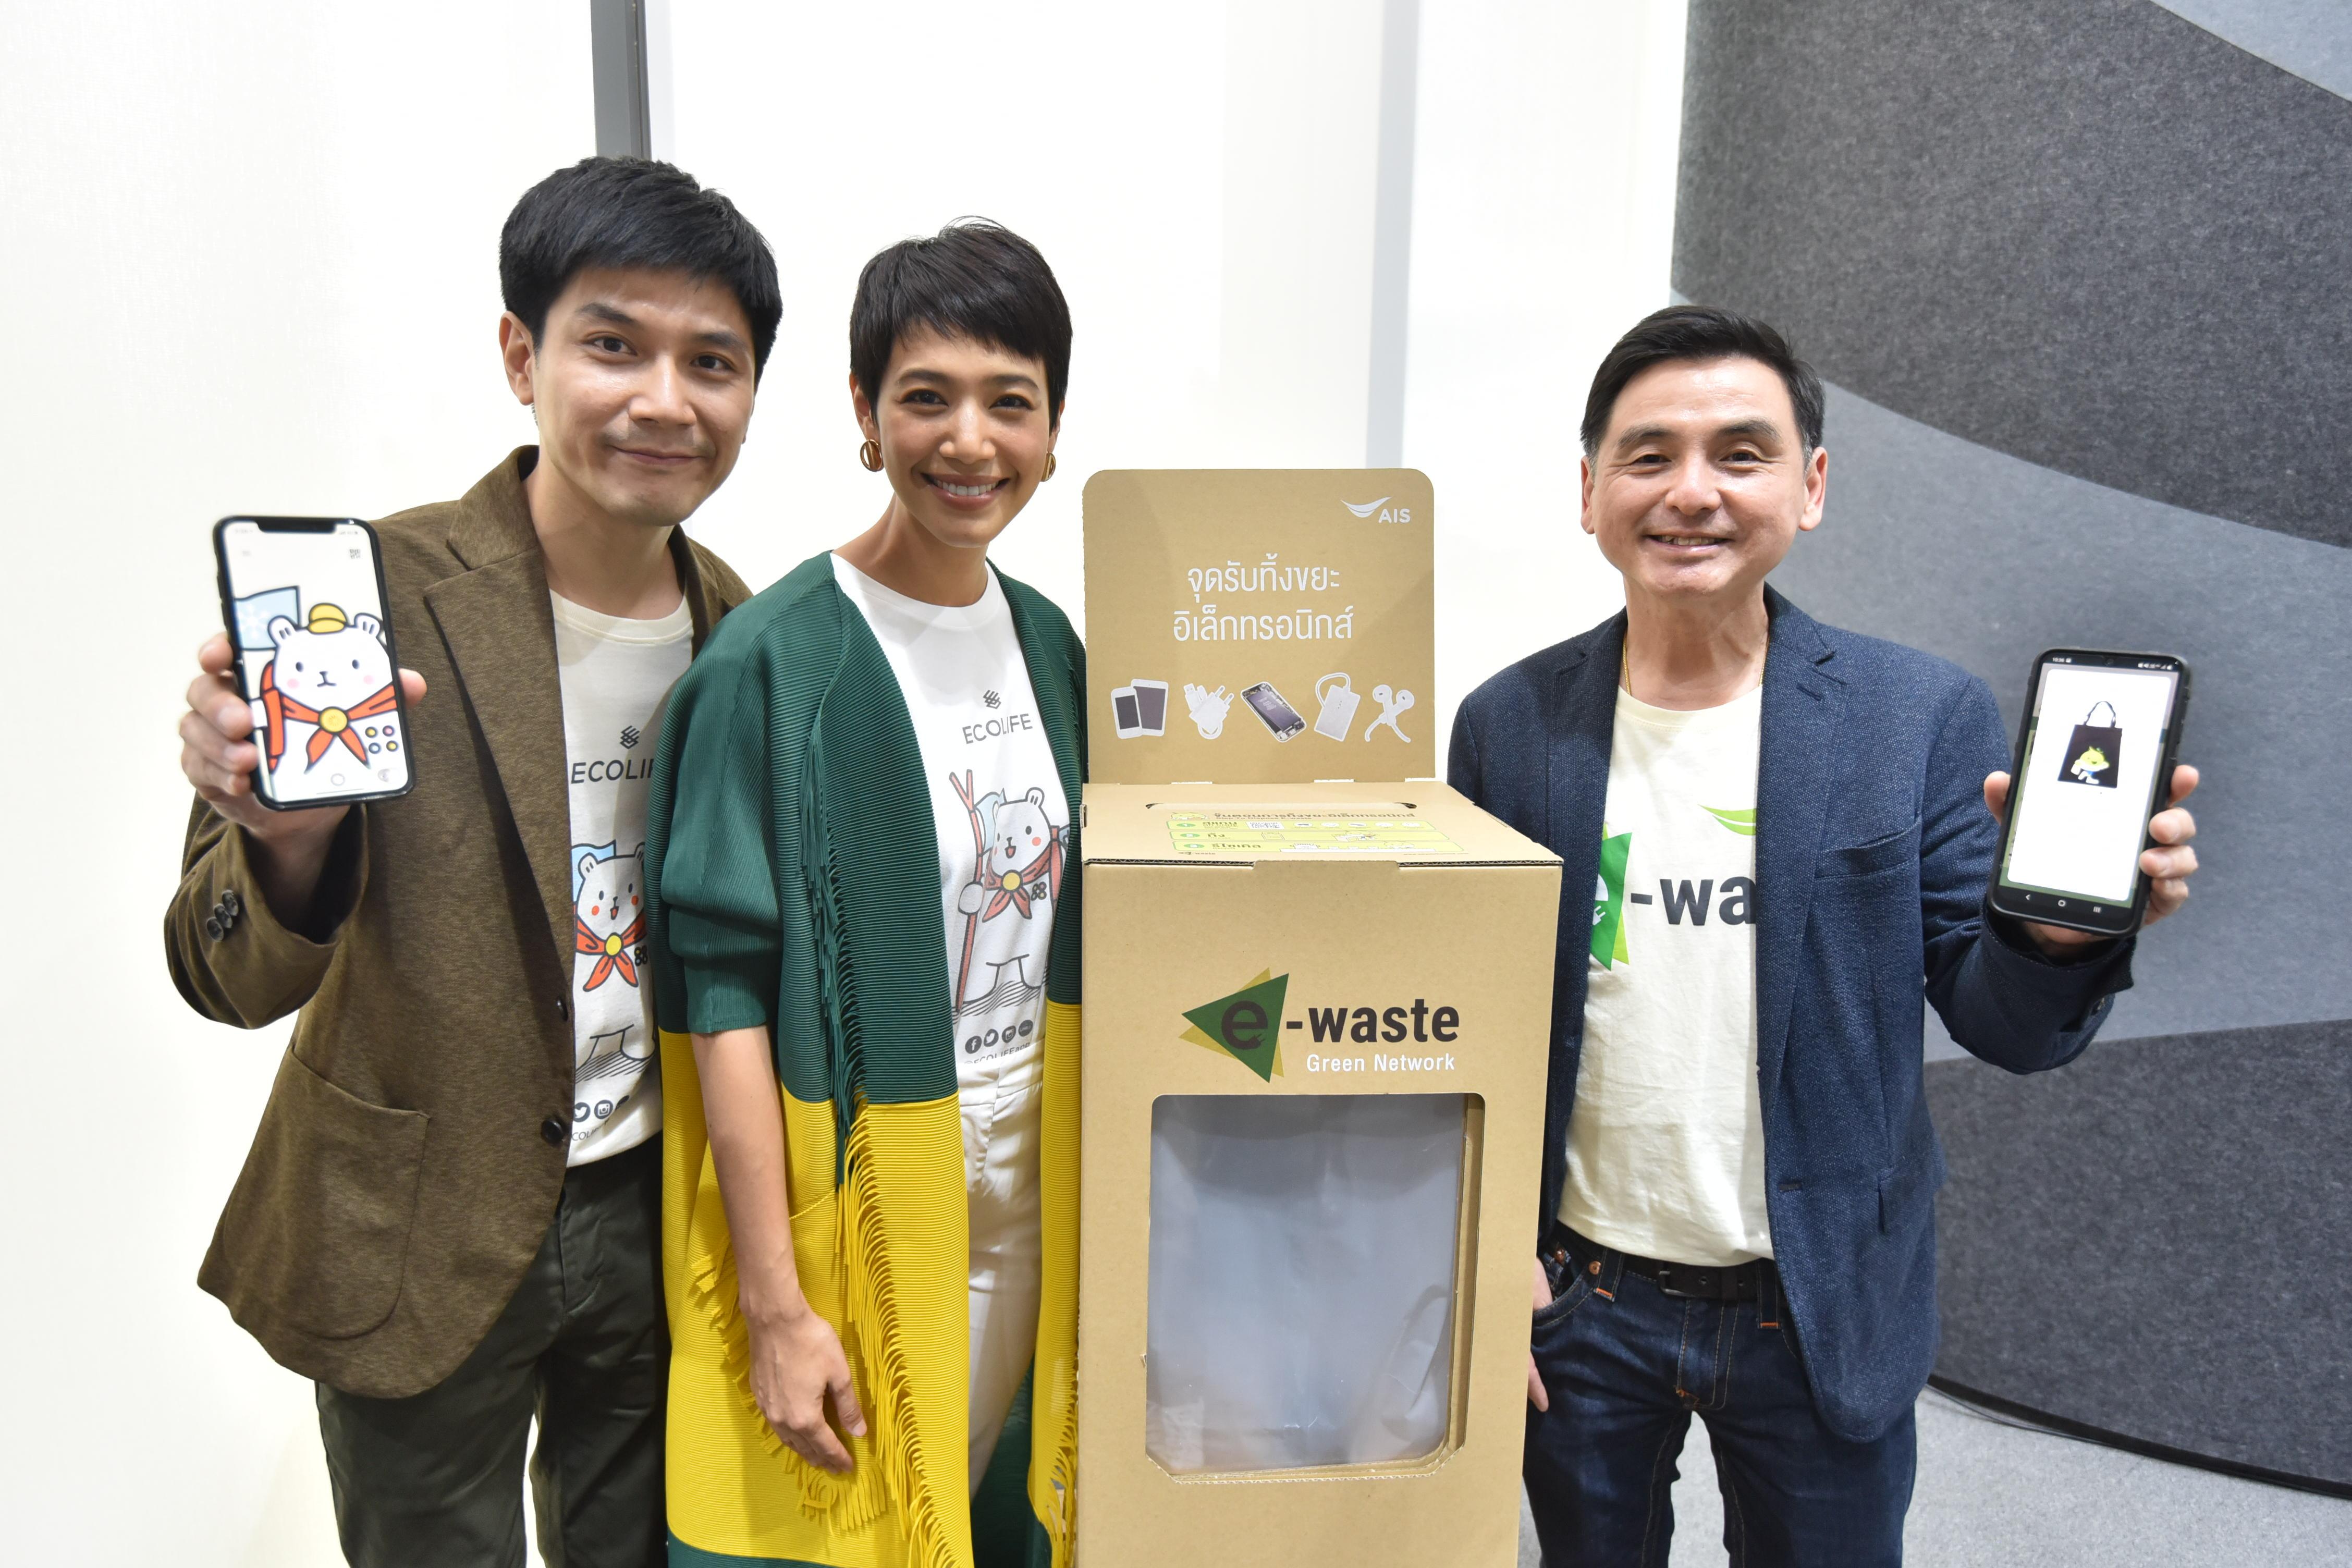 เอไอเอส ผุดไอเดียทิ้งแลก อีโค่พอยท์  ชวนคนไทยสัมผัสมิติใหม่เพื่อการทิ้ง E-Waste อย่างถูกวิธีผ่านแอป ECOLIFE